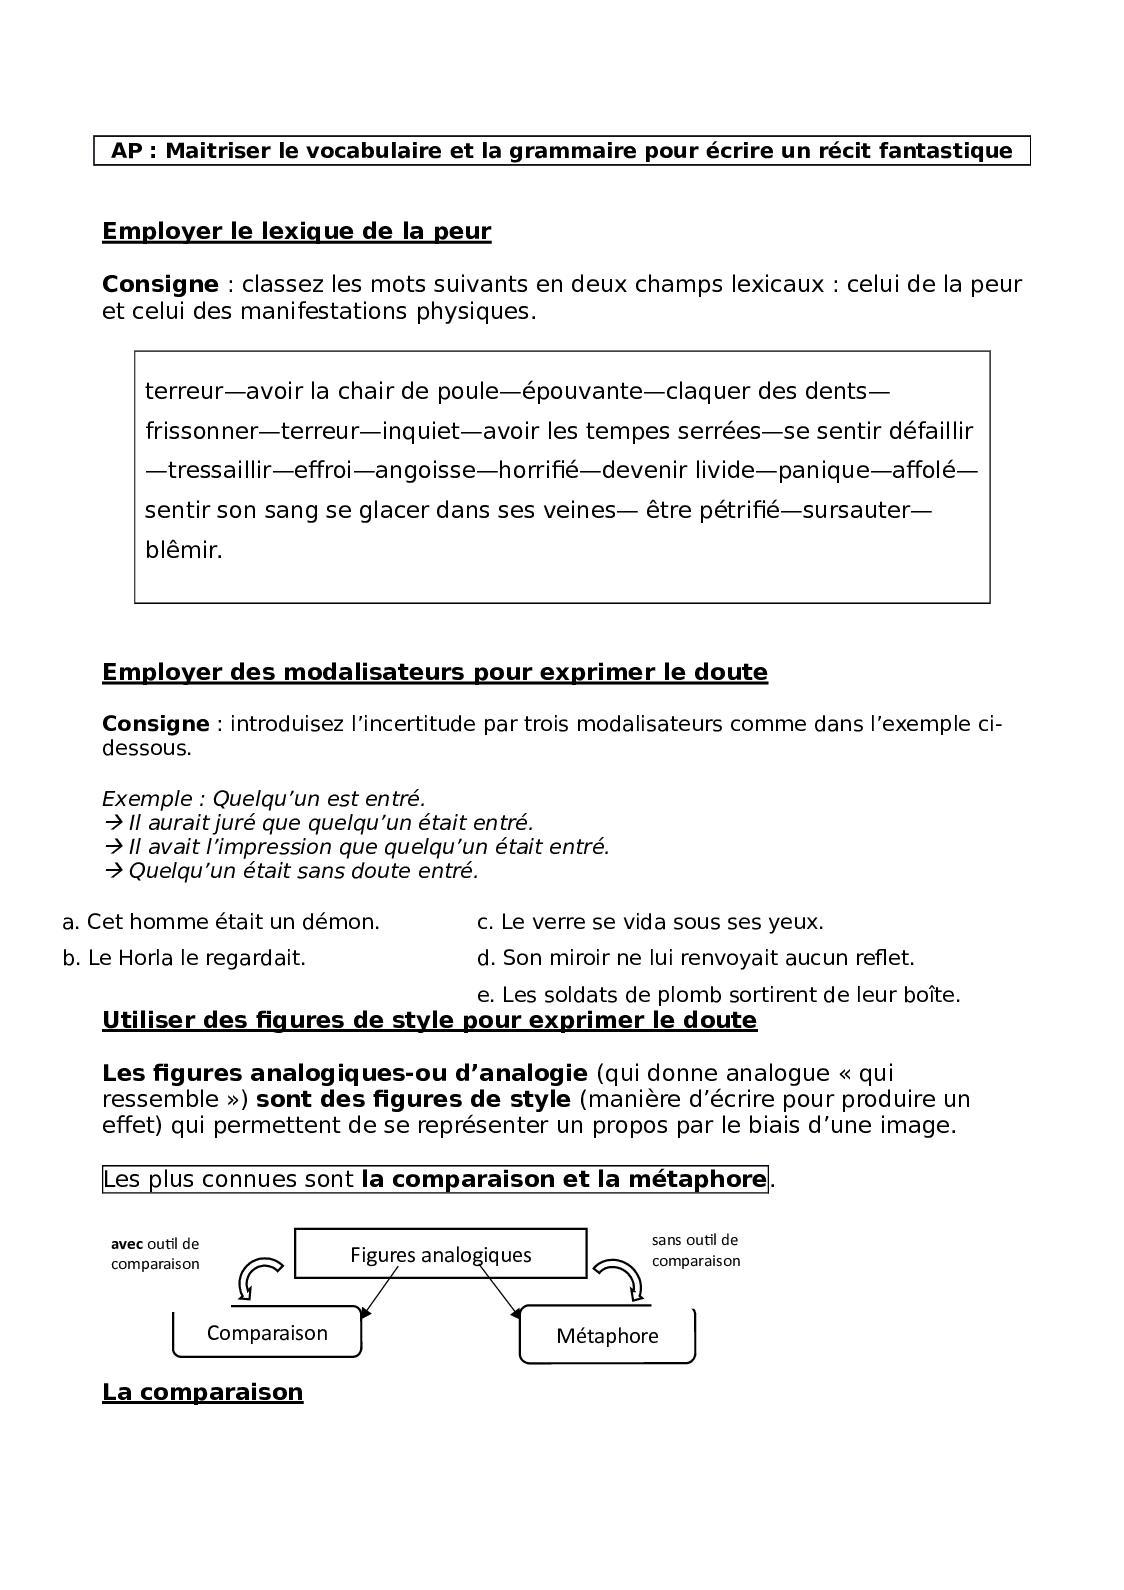 Exemple De Comparaison Figure De Style : exemple, comparaison, figure, style, Calaméo, Lexique, Grammaire, Fantastique